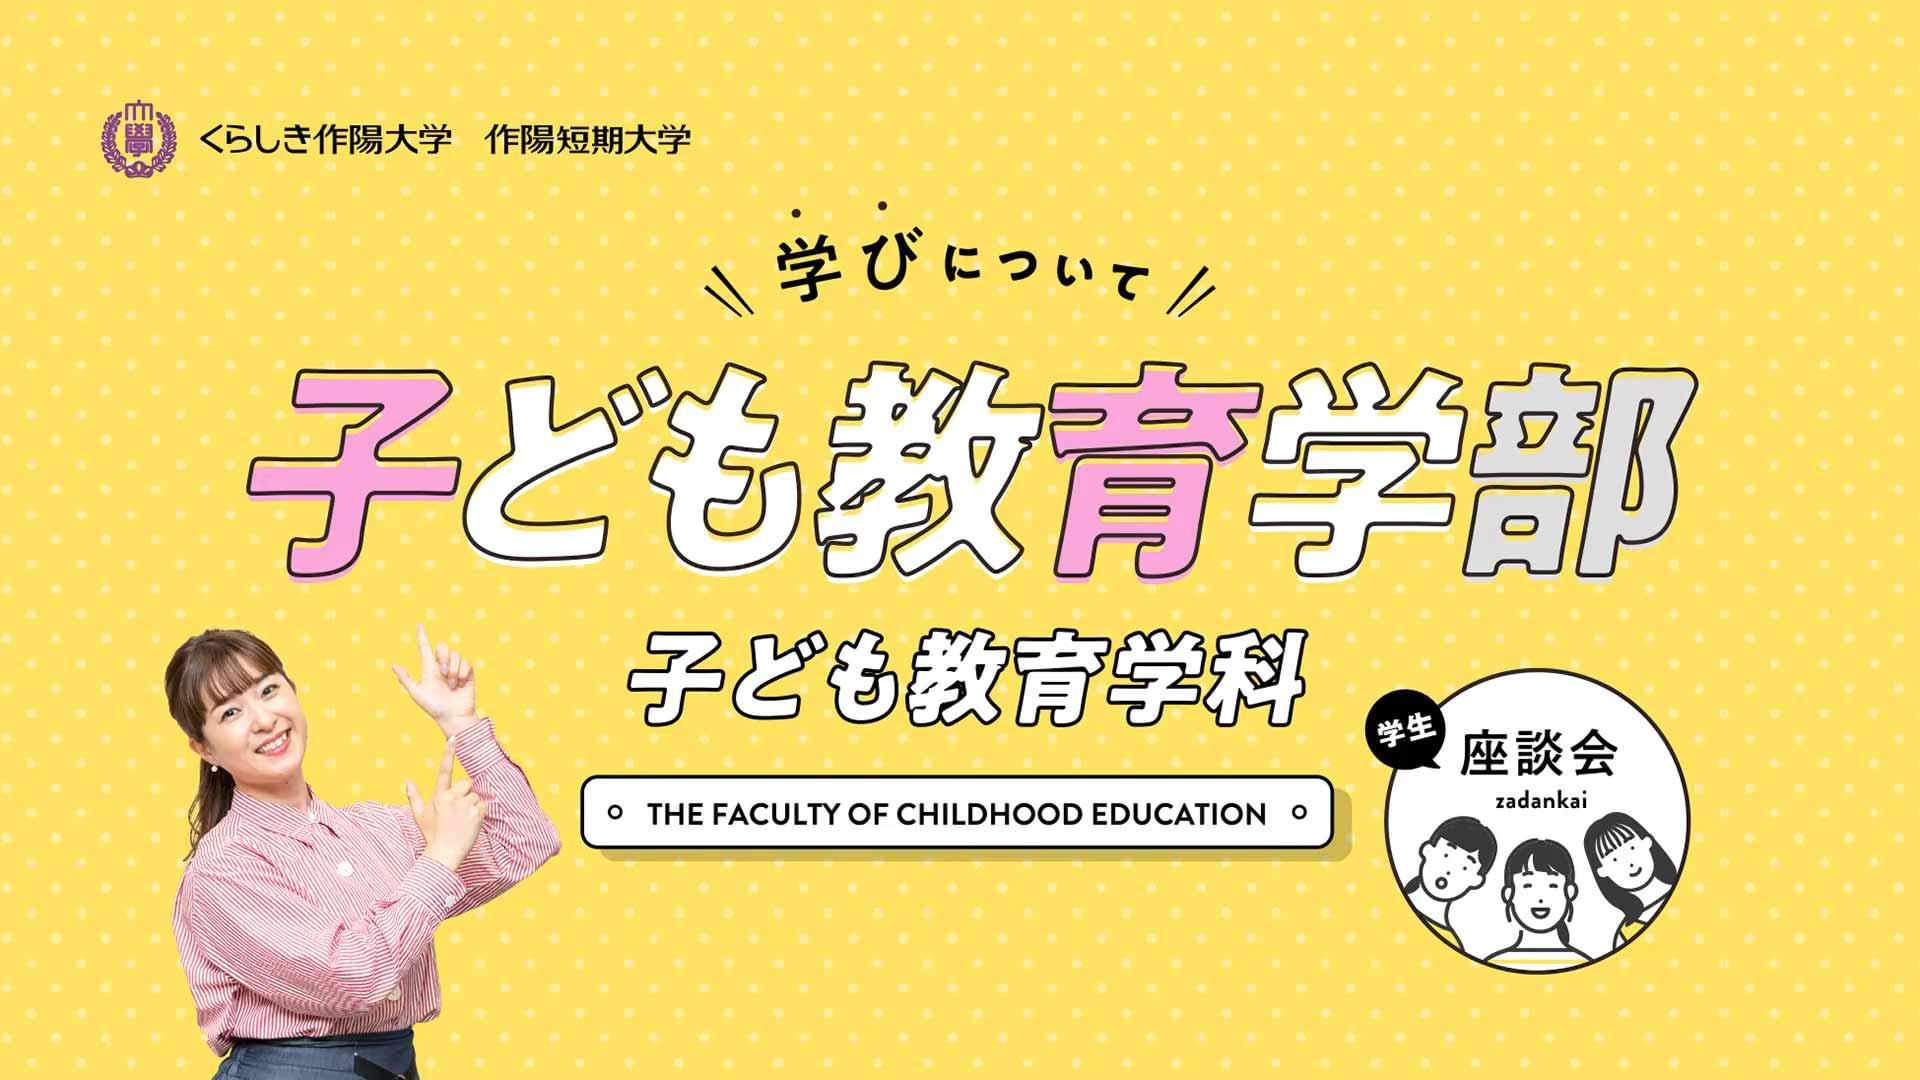 子ども教育学部 子ども教育学科